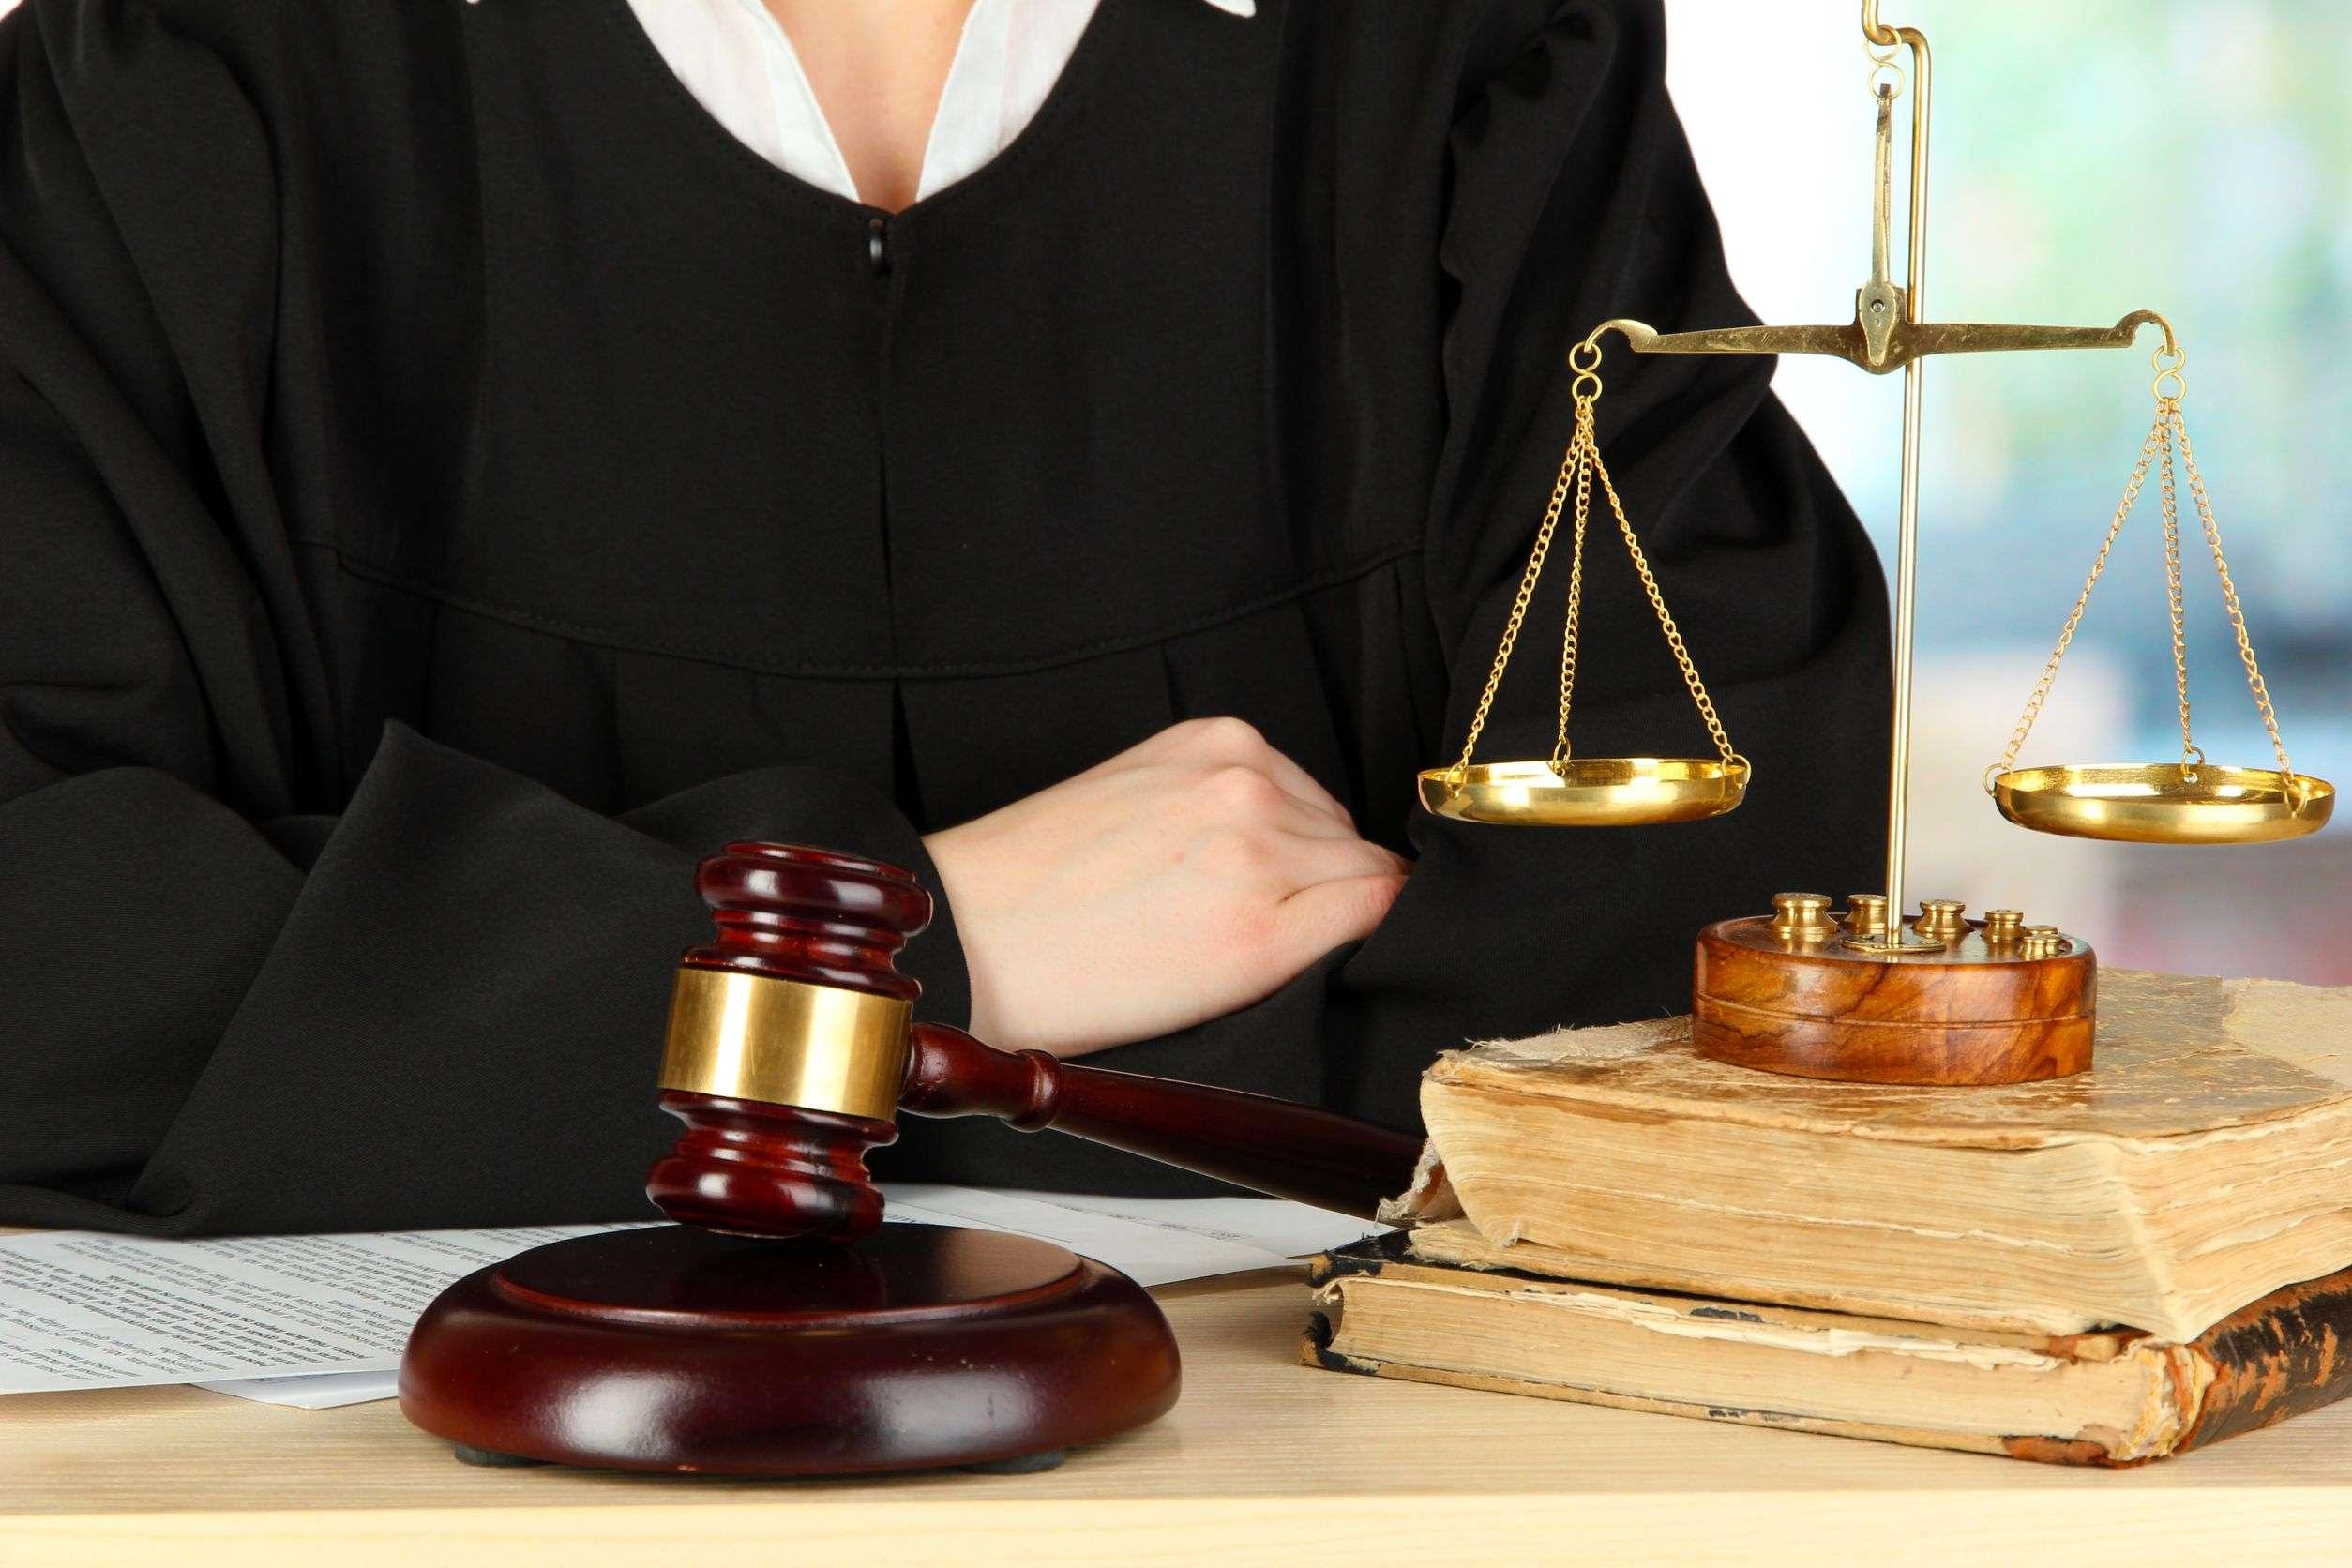 Đạo đức người luật sư (Ảnh minh họa)